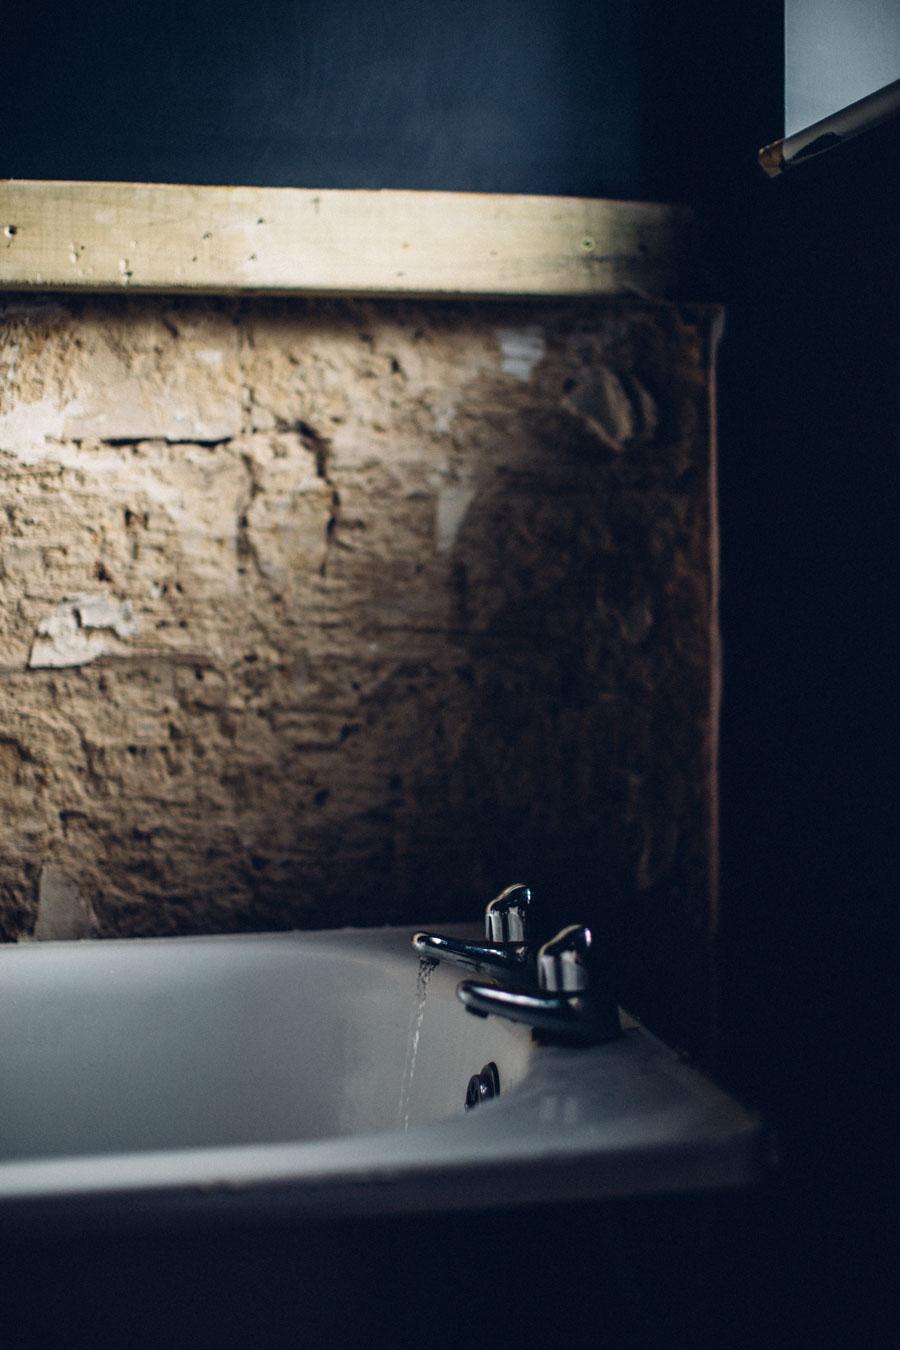 Moody derelict bathroom